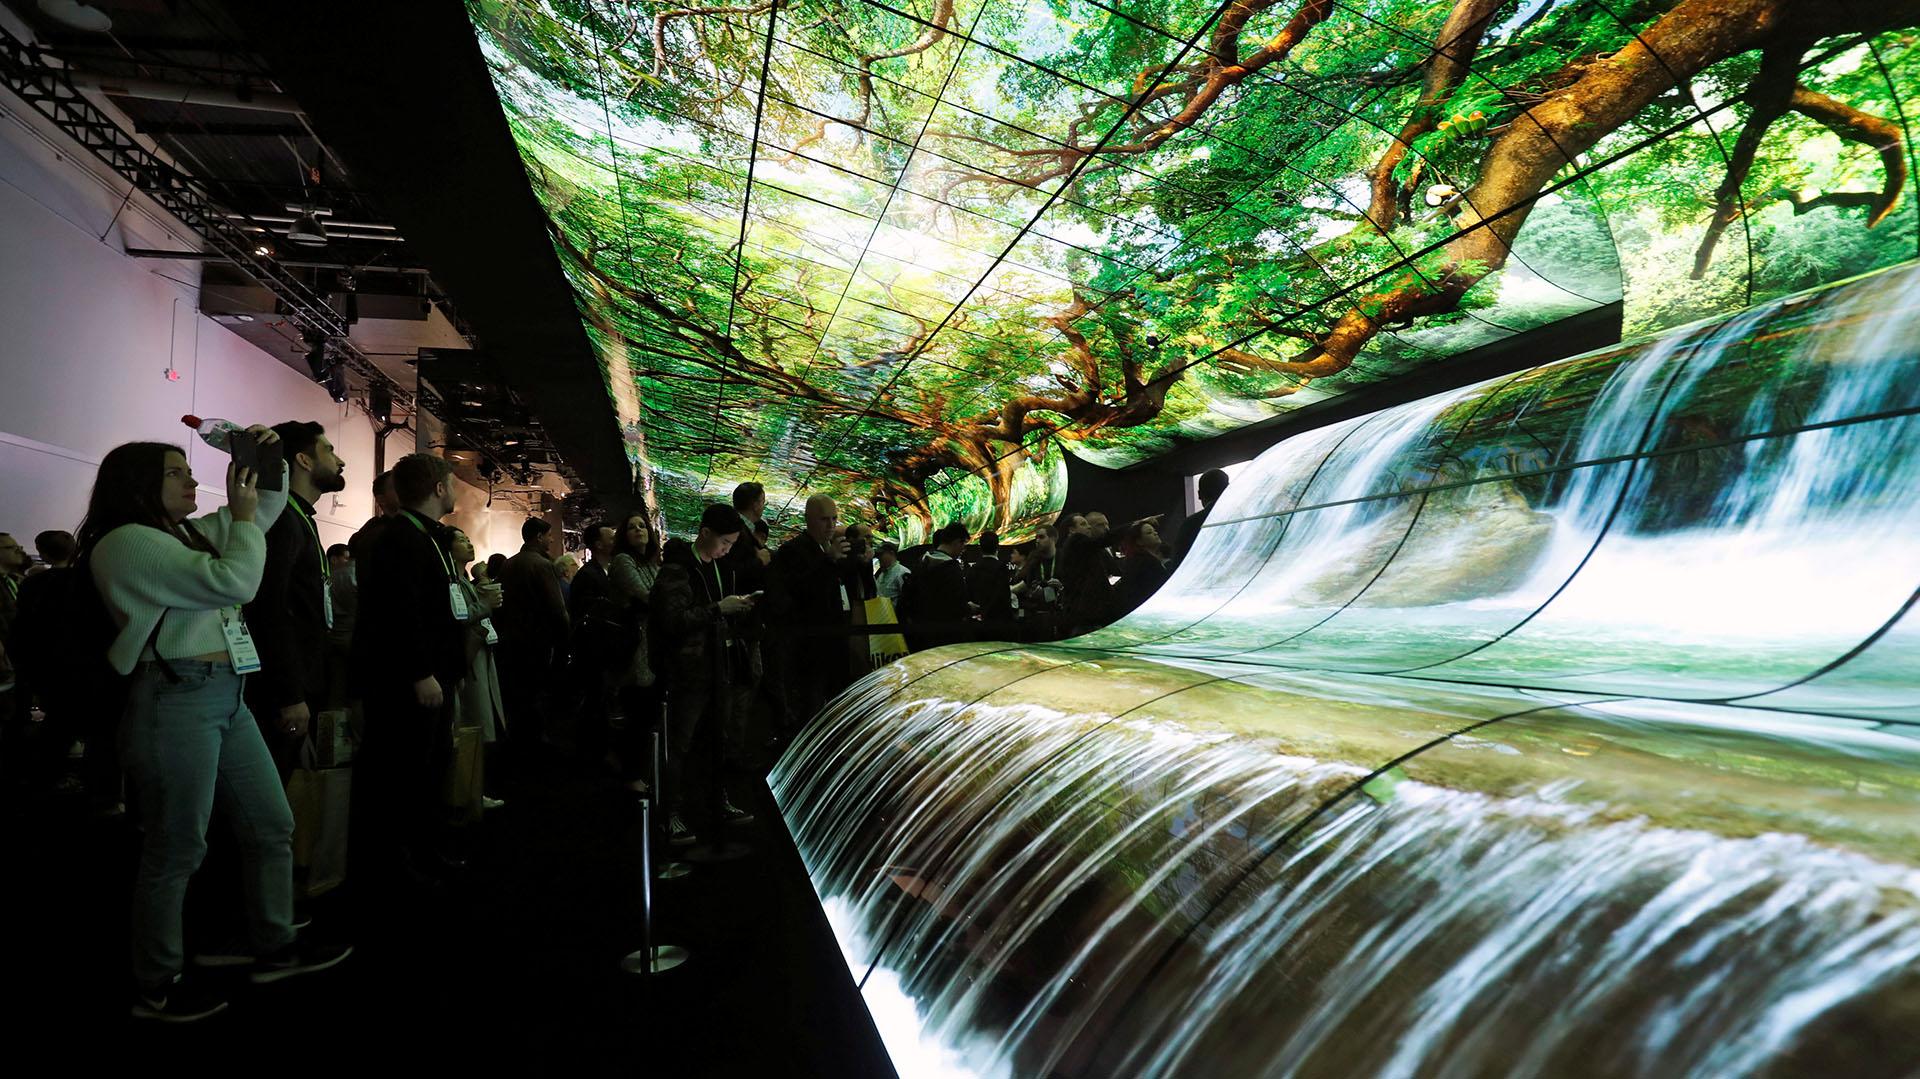 La cascada hecha con 260 pantallas curvas OLED que se vio en el stand de LG (REUTERS/Steve Marcus)